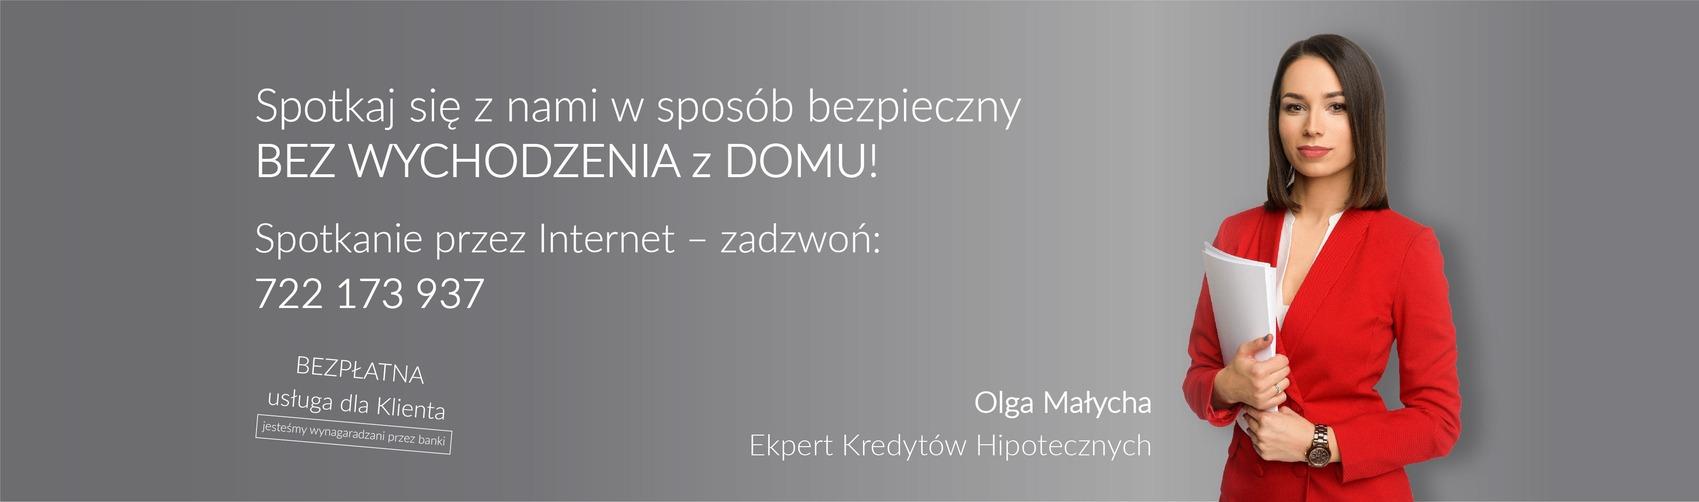 Olga Małycha - Ekspert Kredytowy informuje o możliwości konsultacji kredytowych przez internet